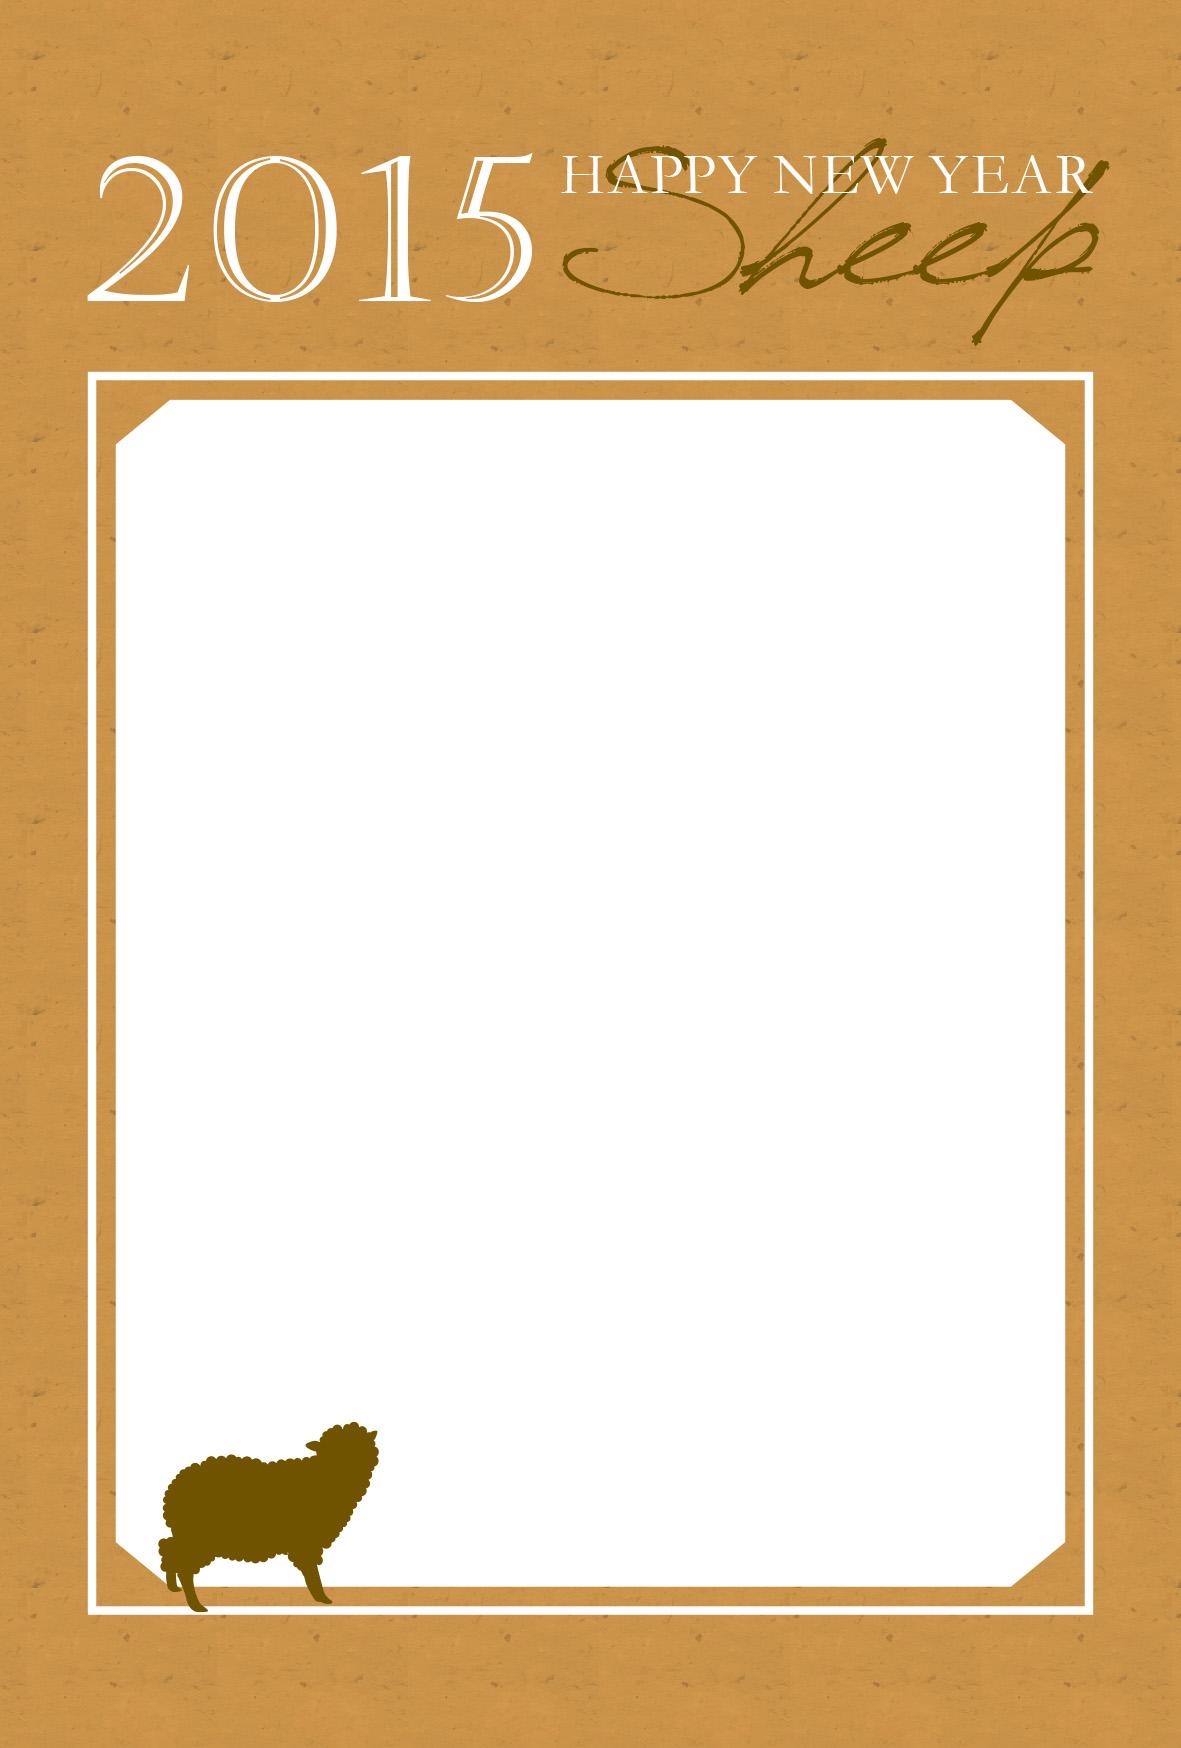 2015シンプルフレーム - 年賀状2015無料イラスト素材集